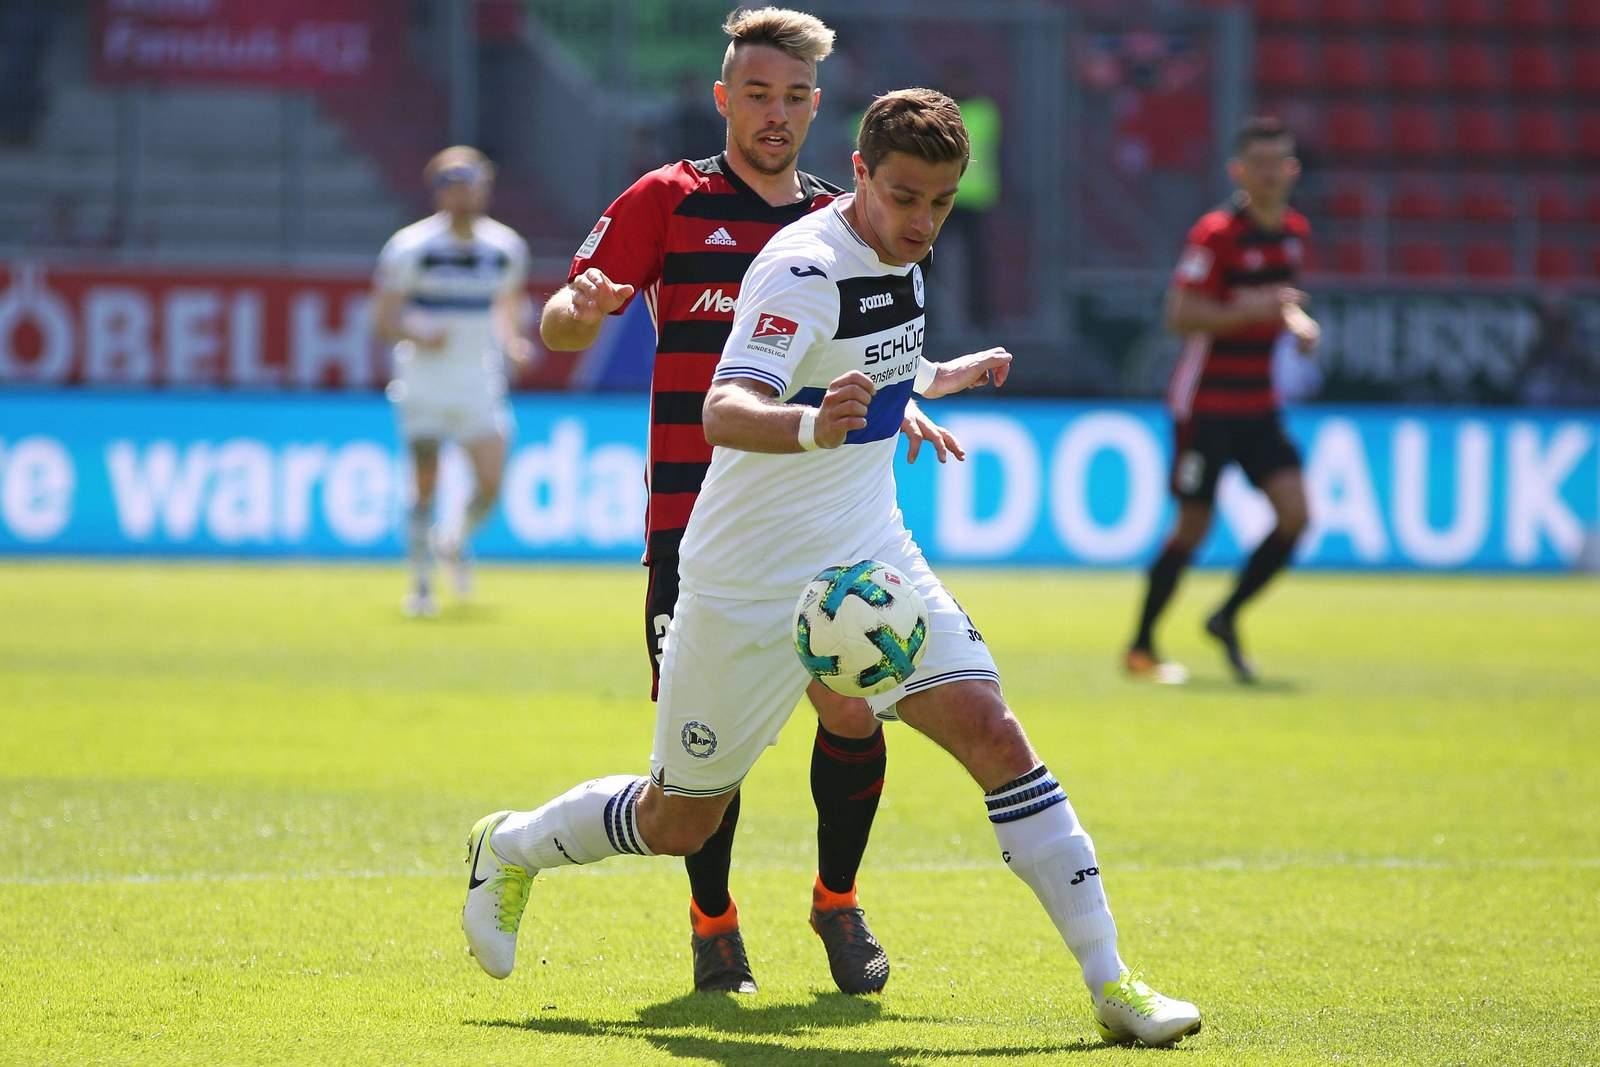 Hat Tom Schütz im Duell mit Thomas Pledl am Ende die Nase vorn? Jetzt auf Ingolstadt gegen Bielefeld wetten.